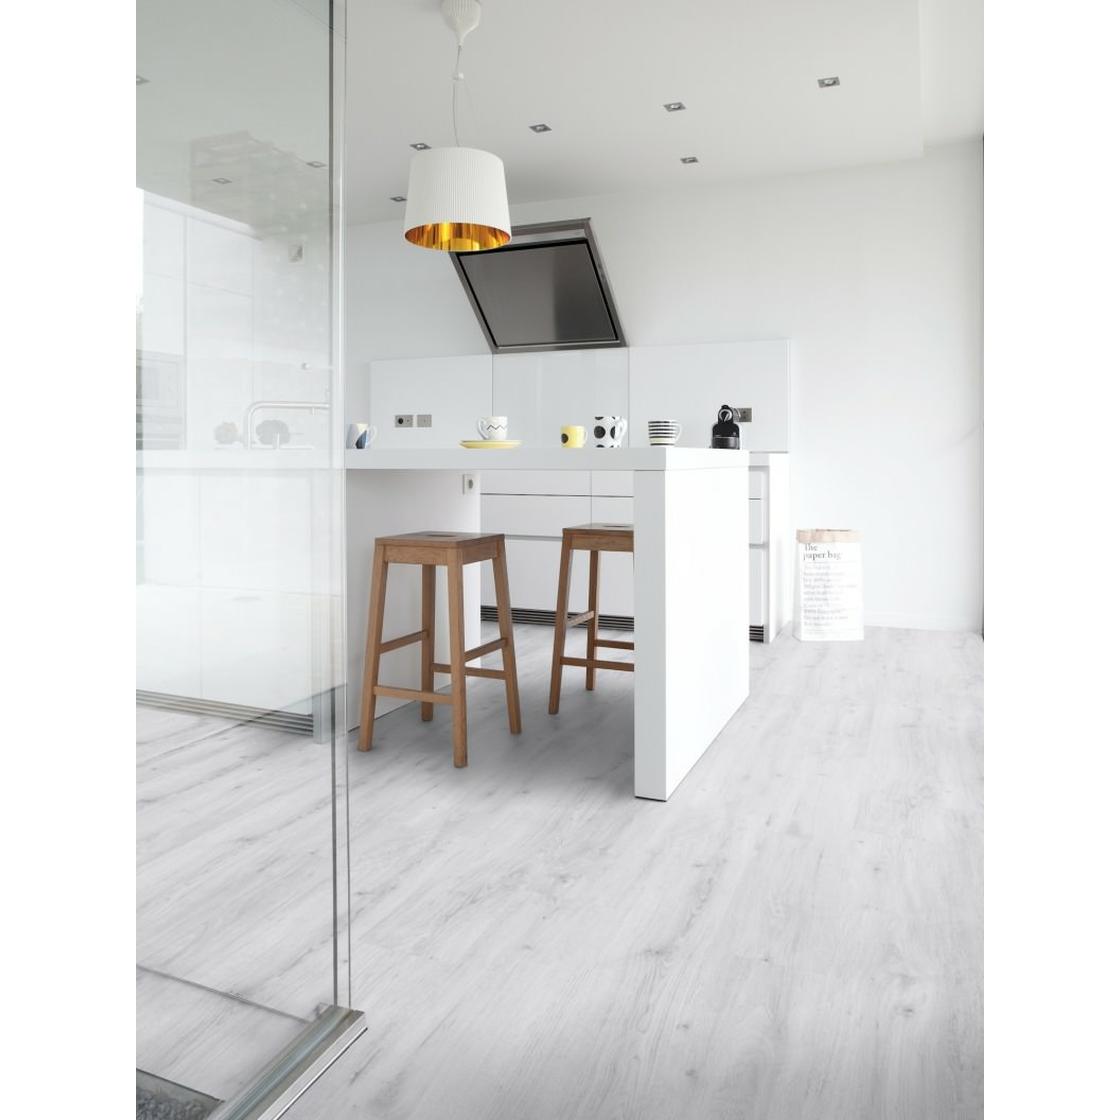 gerflor senso adjust 30 sunny white 0286 selbstklebender vinylboden g nstig kaufen onlineshop. Black Bedroom Furniture Sets. Home Design Ideas